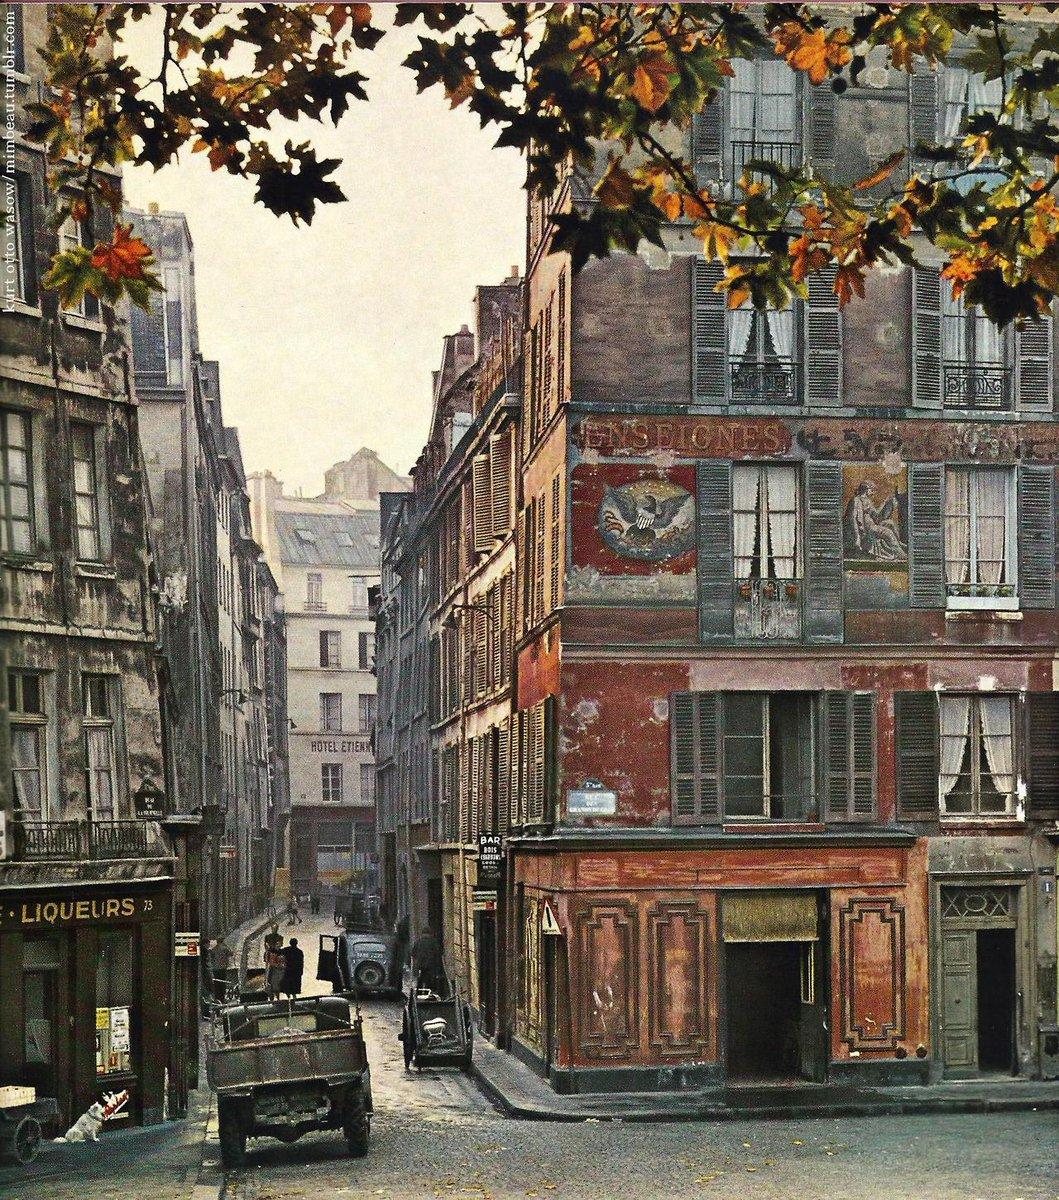 L'Ile de la Cité, #Paris 1950s,  #Photo Kurt Otto-Wasow http://t.co/qEqGSei66Q | rt @Brindille_